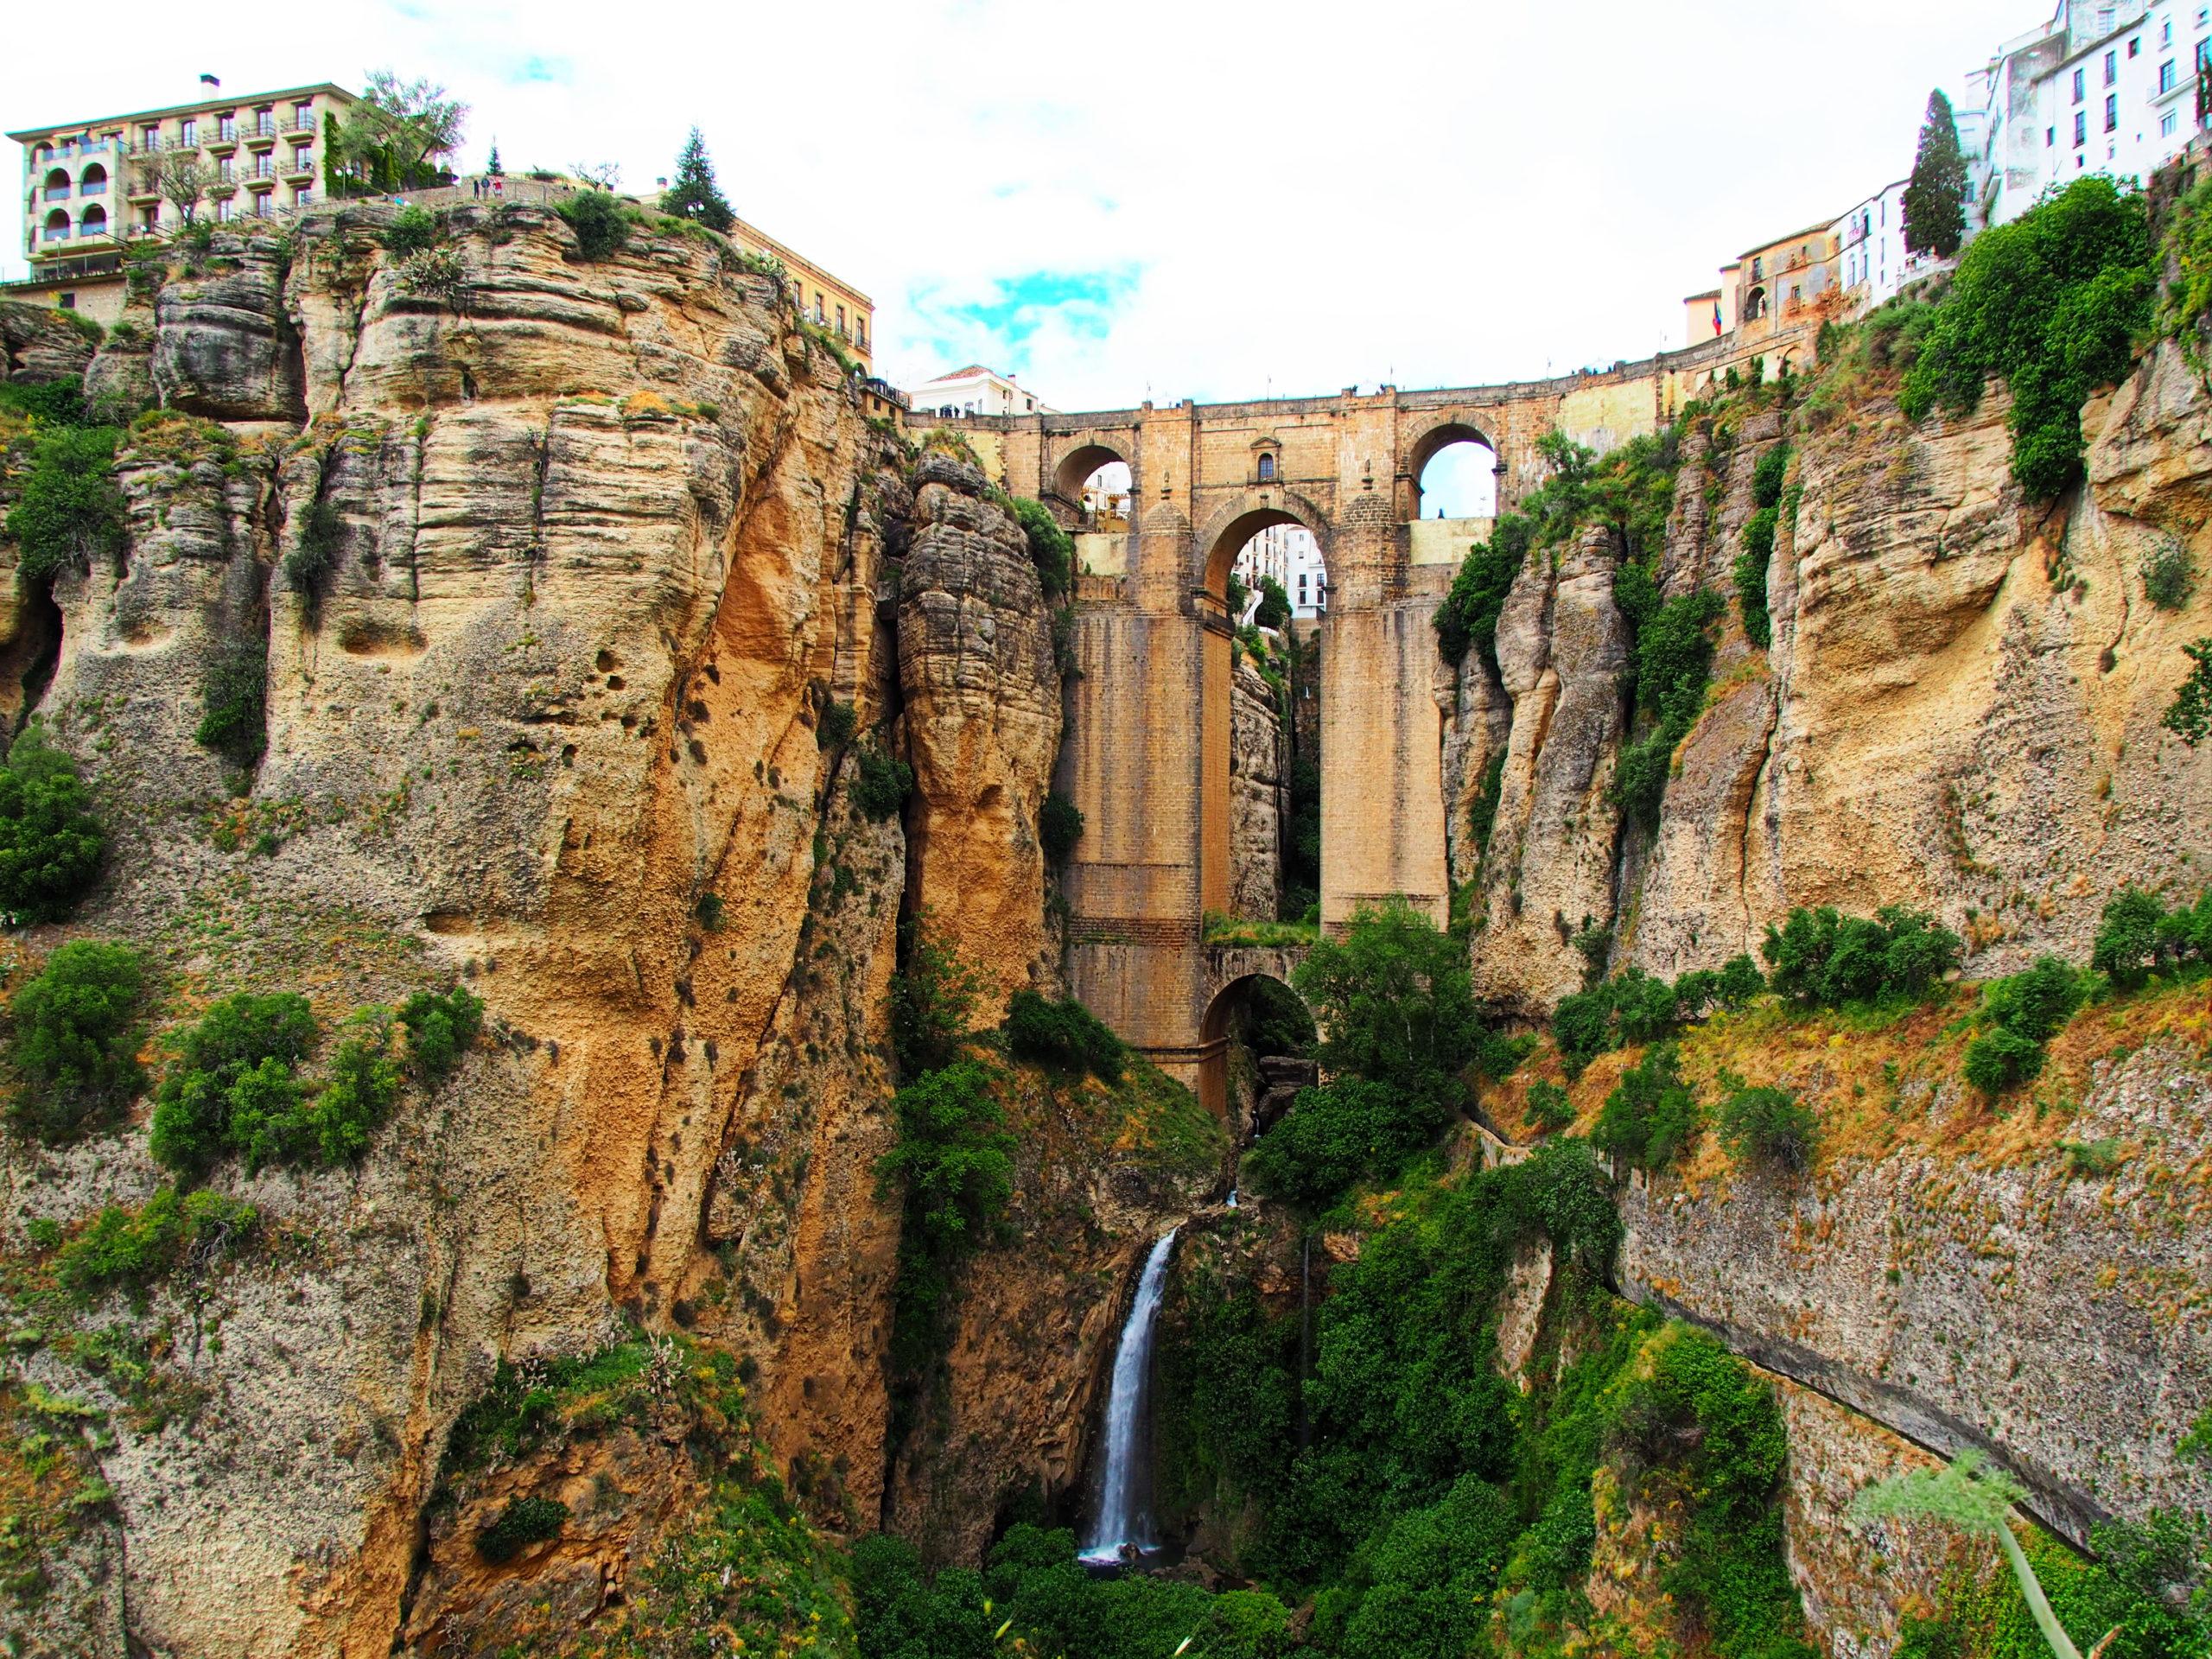 Rondas neue Brücke: Puente Nuevo